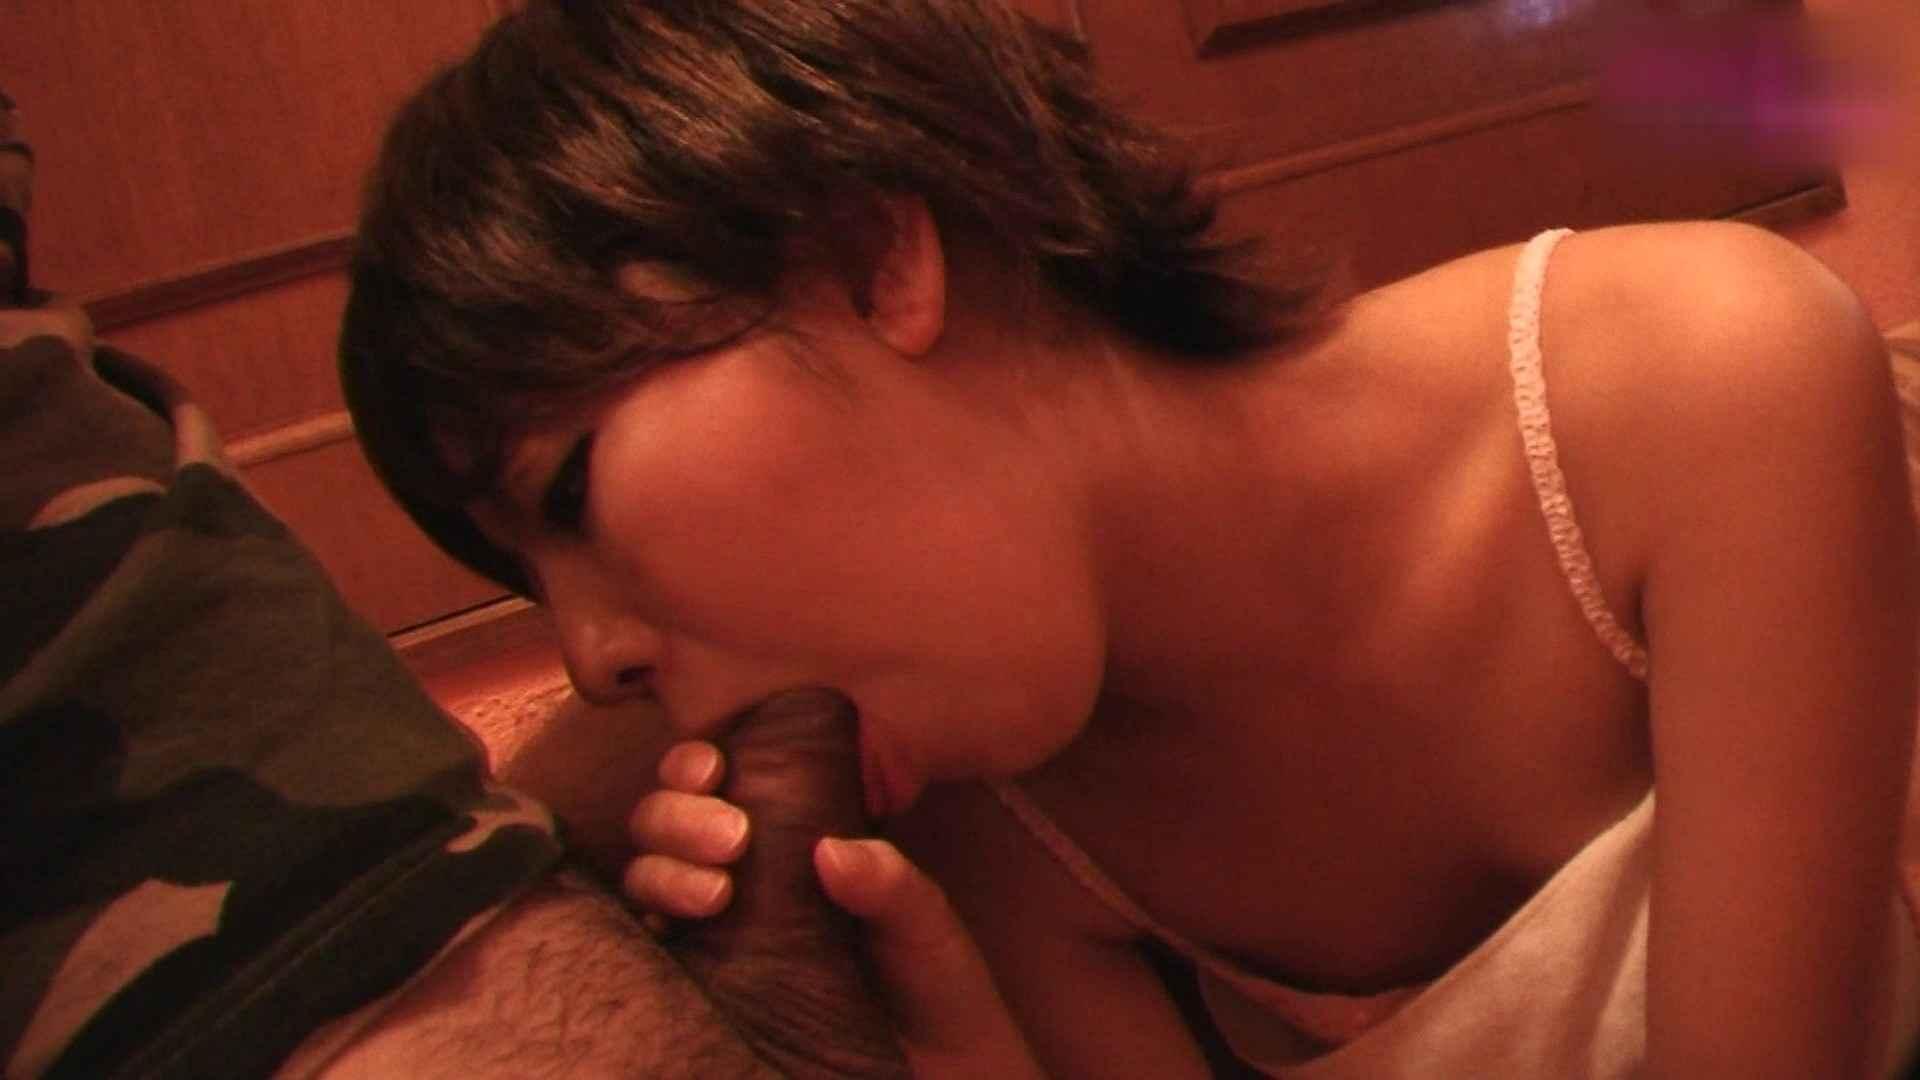 おしえてギャル子のH塾 Vol.26 前編 フェラ 盗み撮り動画キャプチャ 103連発 43